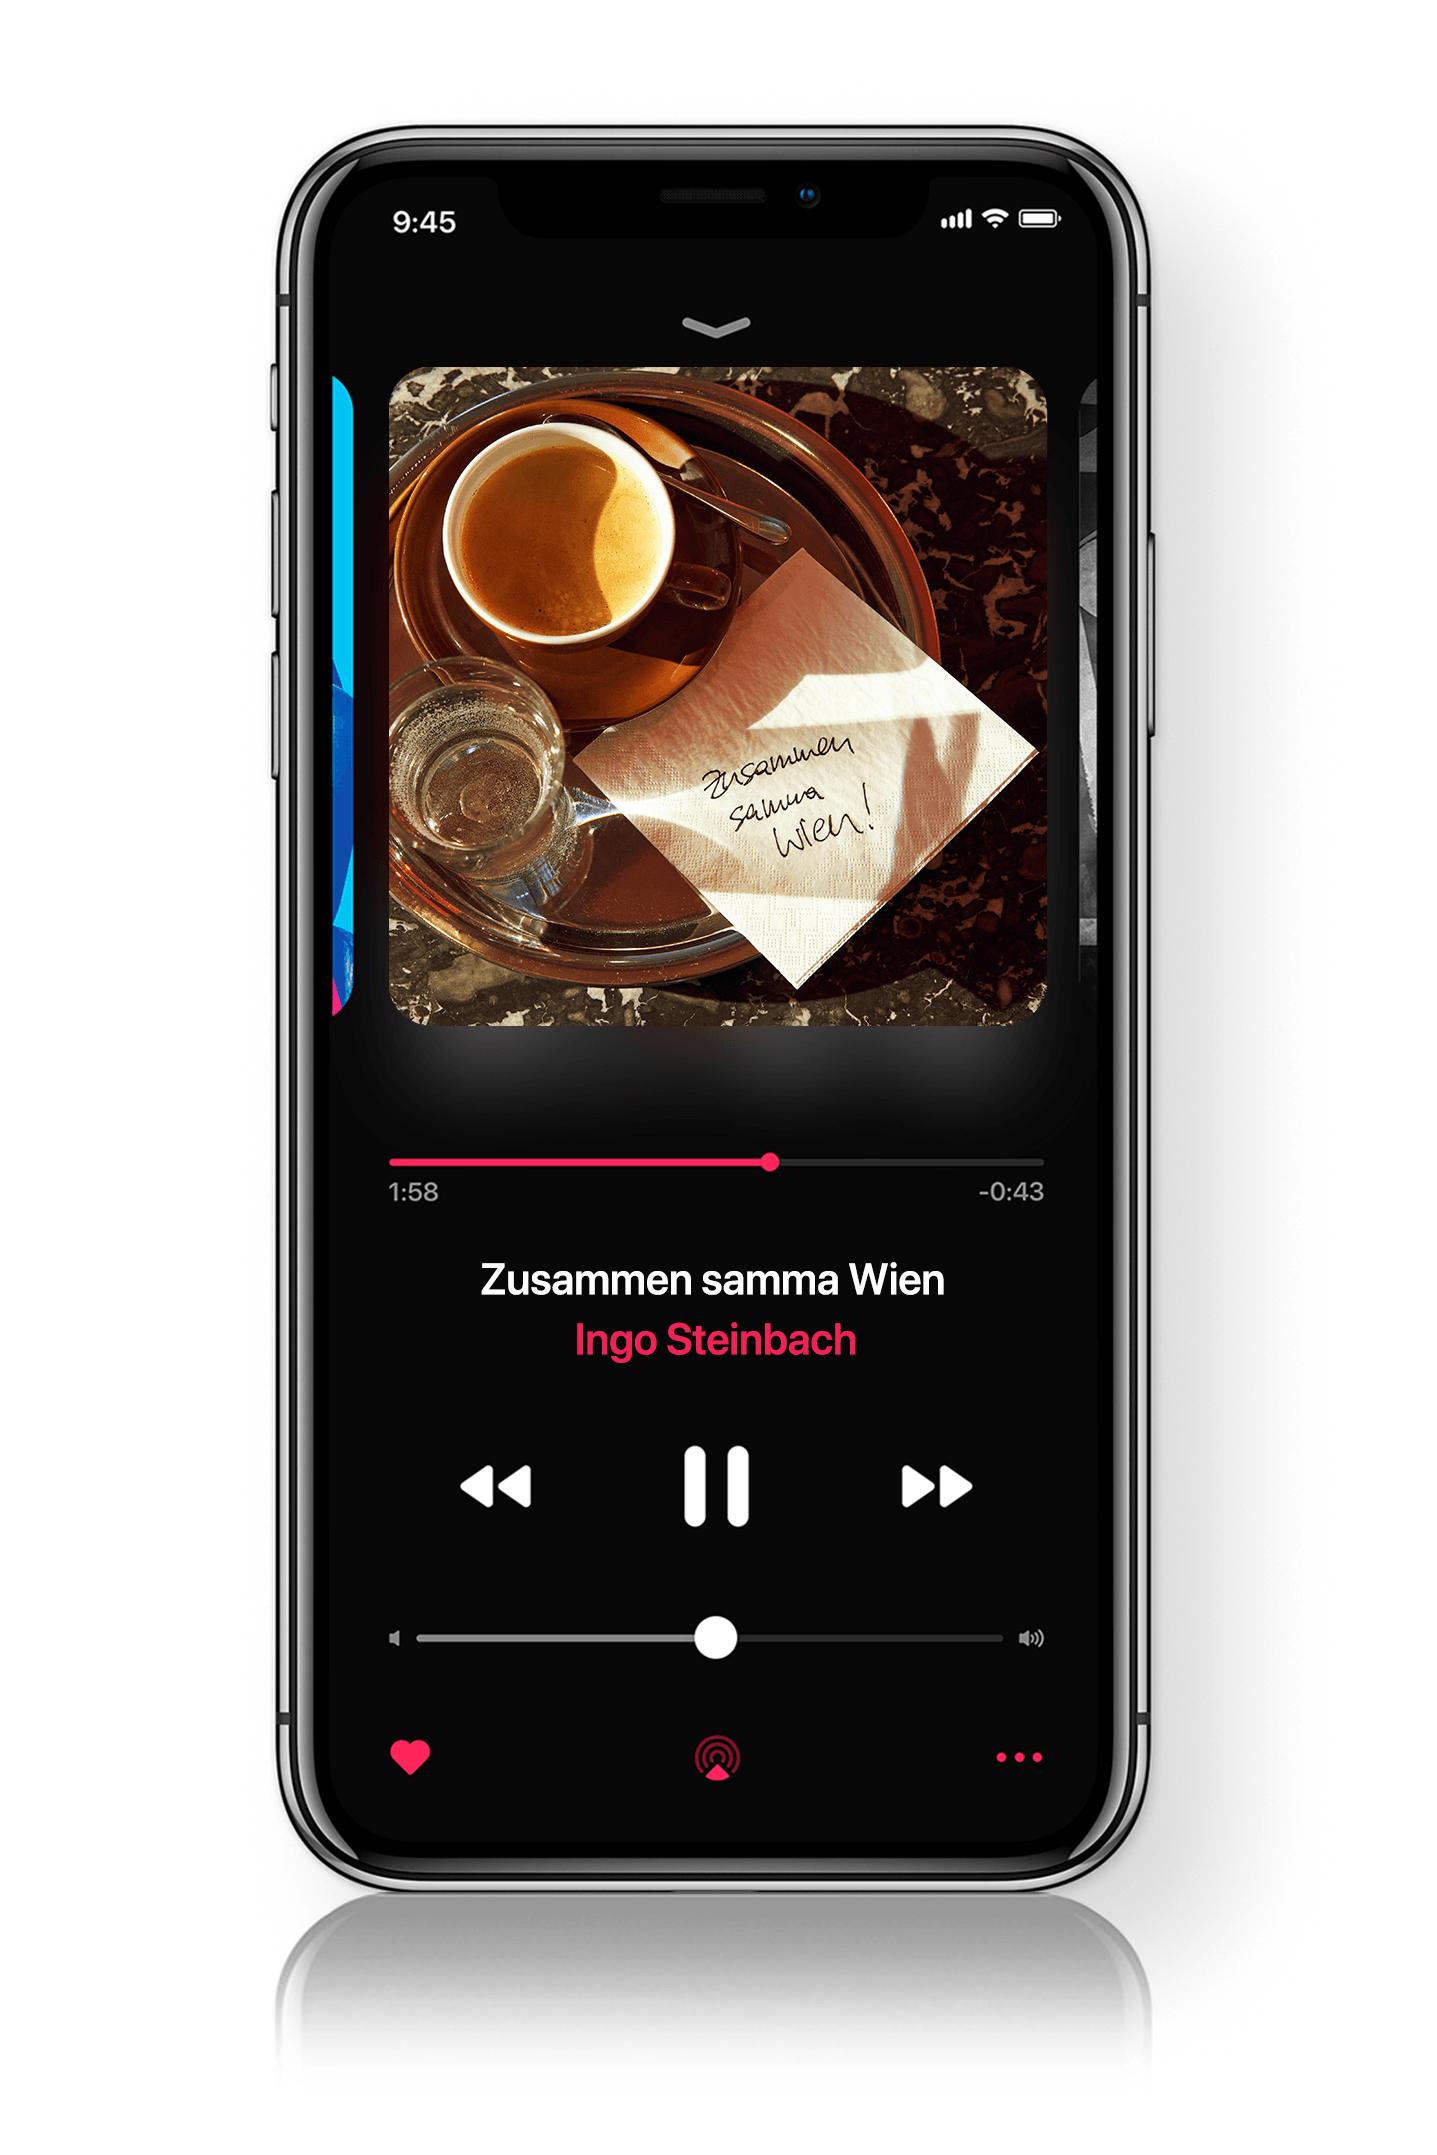 Apple Music: Ingo Steinbach - Zusammen samma Wien